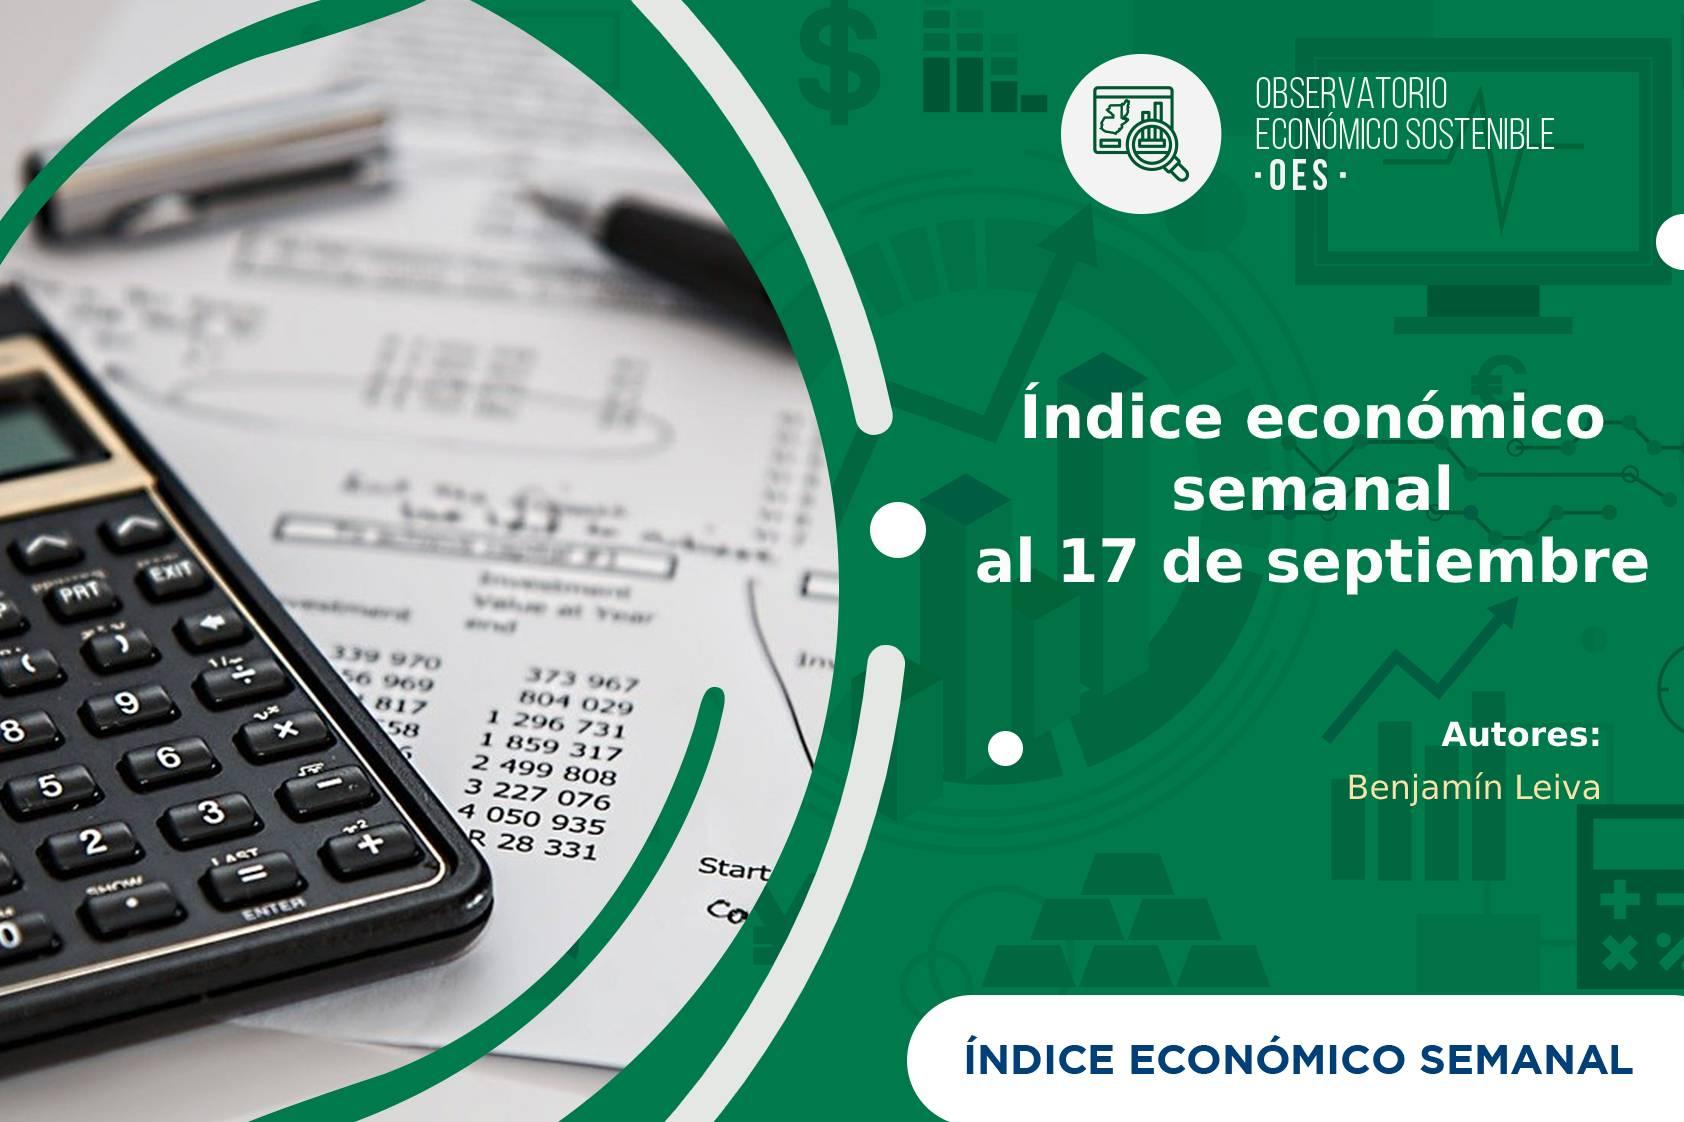 Índice económico semanal al 17 de septiembre de 2020